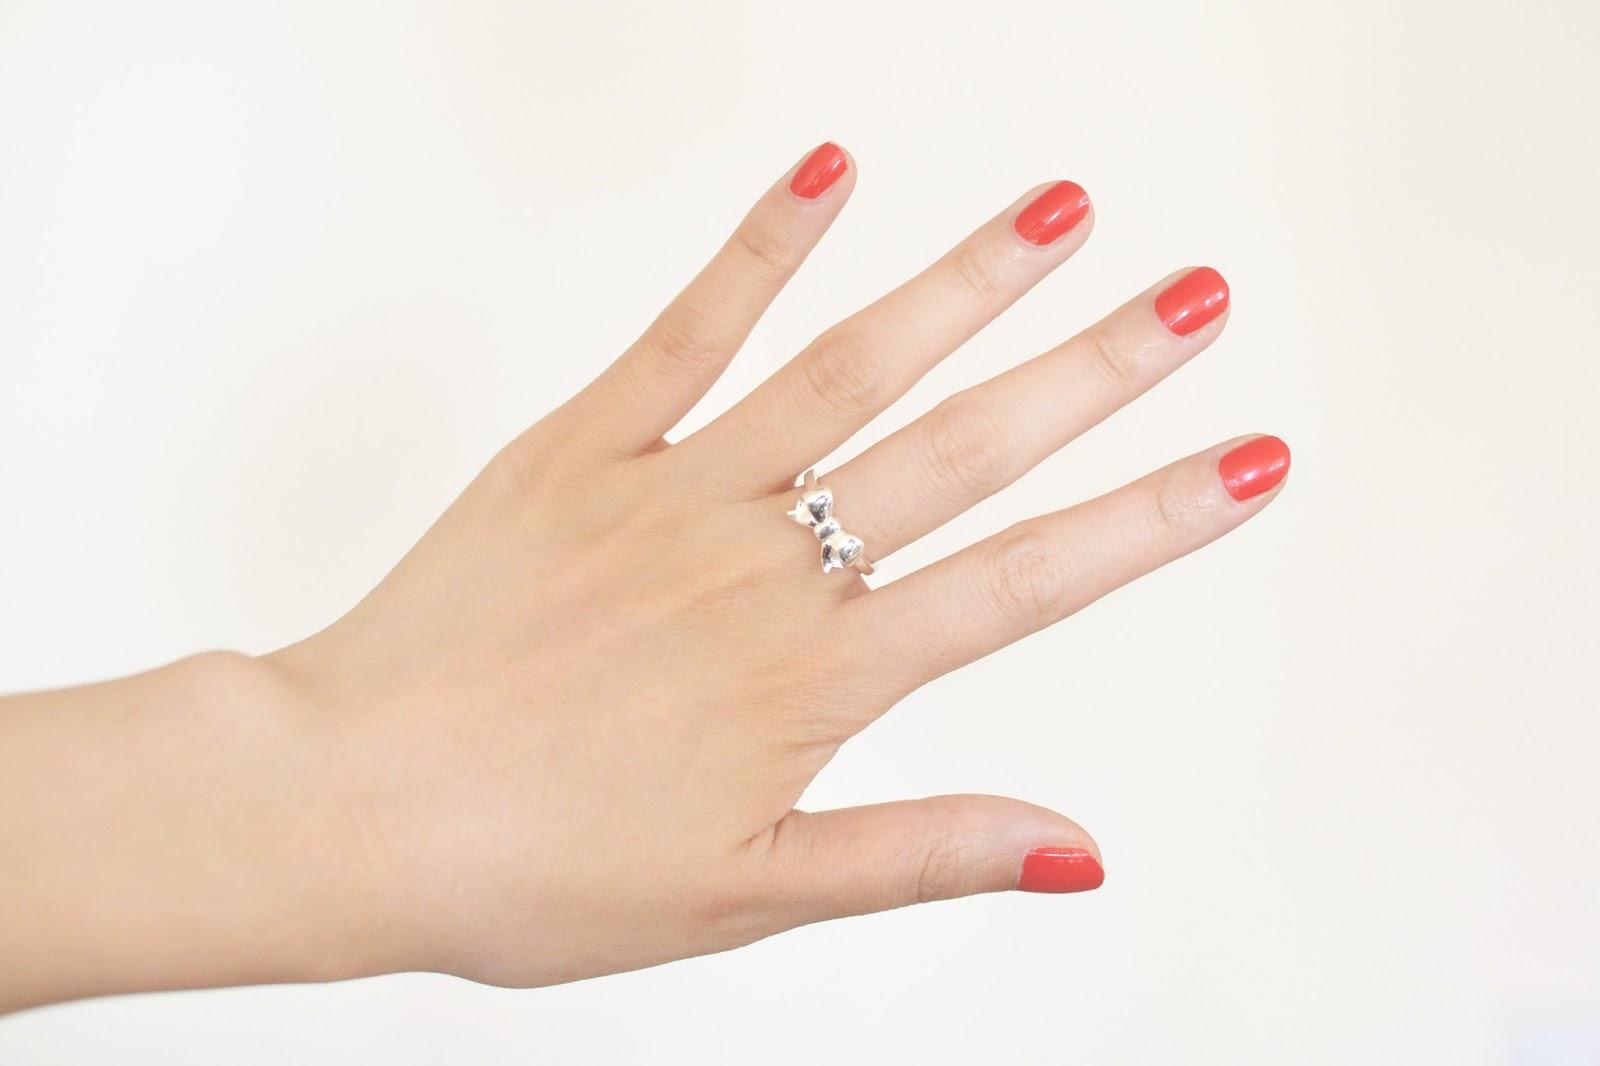 thomas sabo ring, silver bow ring